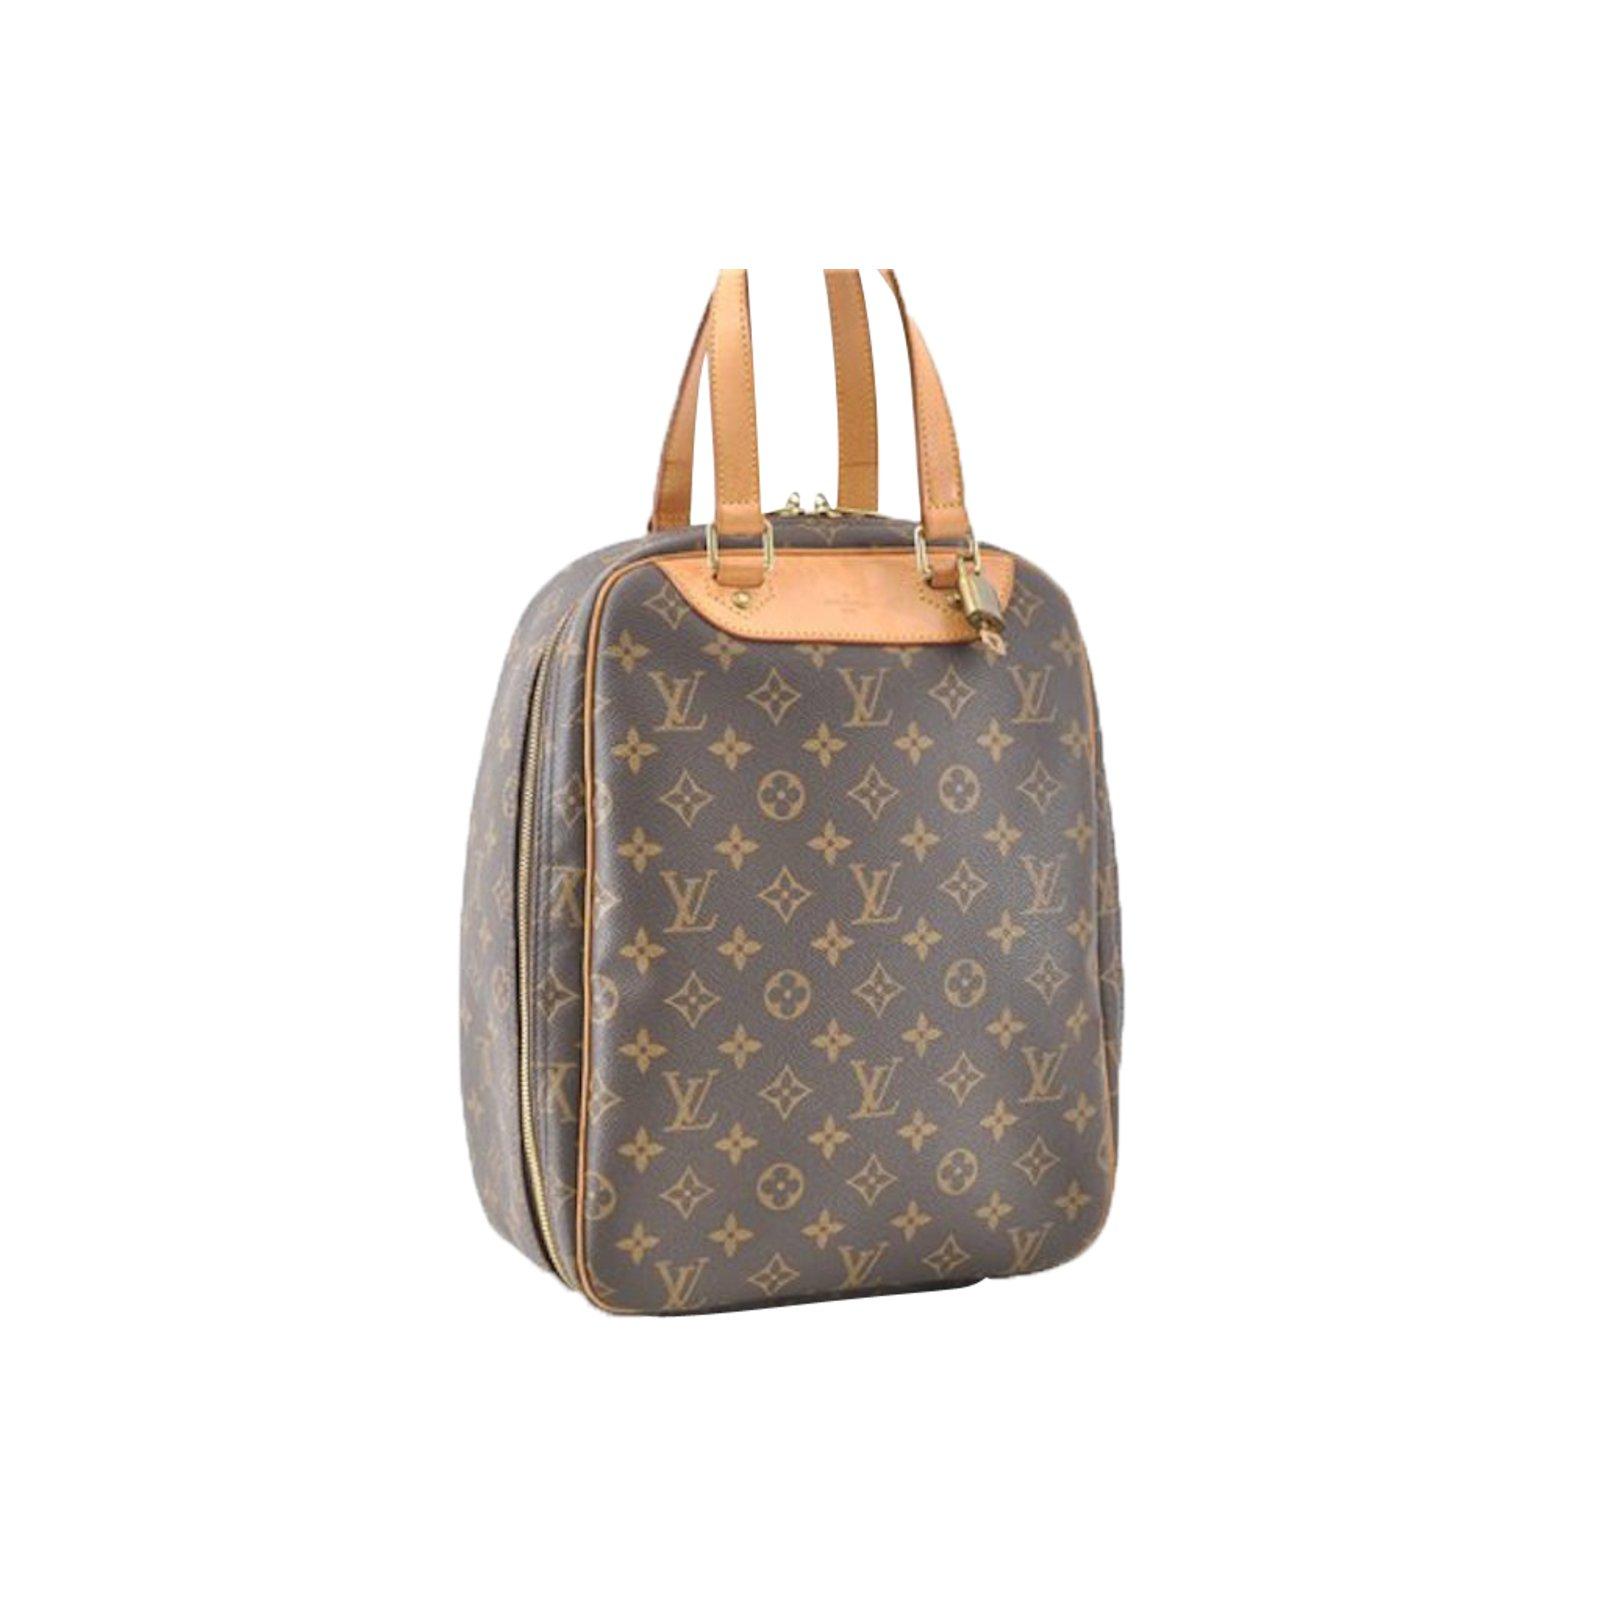 d8d15c2f Louis Vuitton Louis Vuitton Excursion monogram Handbags Cloth Brown  ref.86906